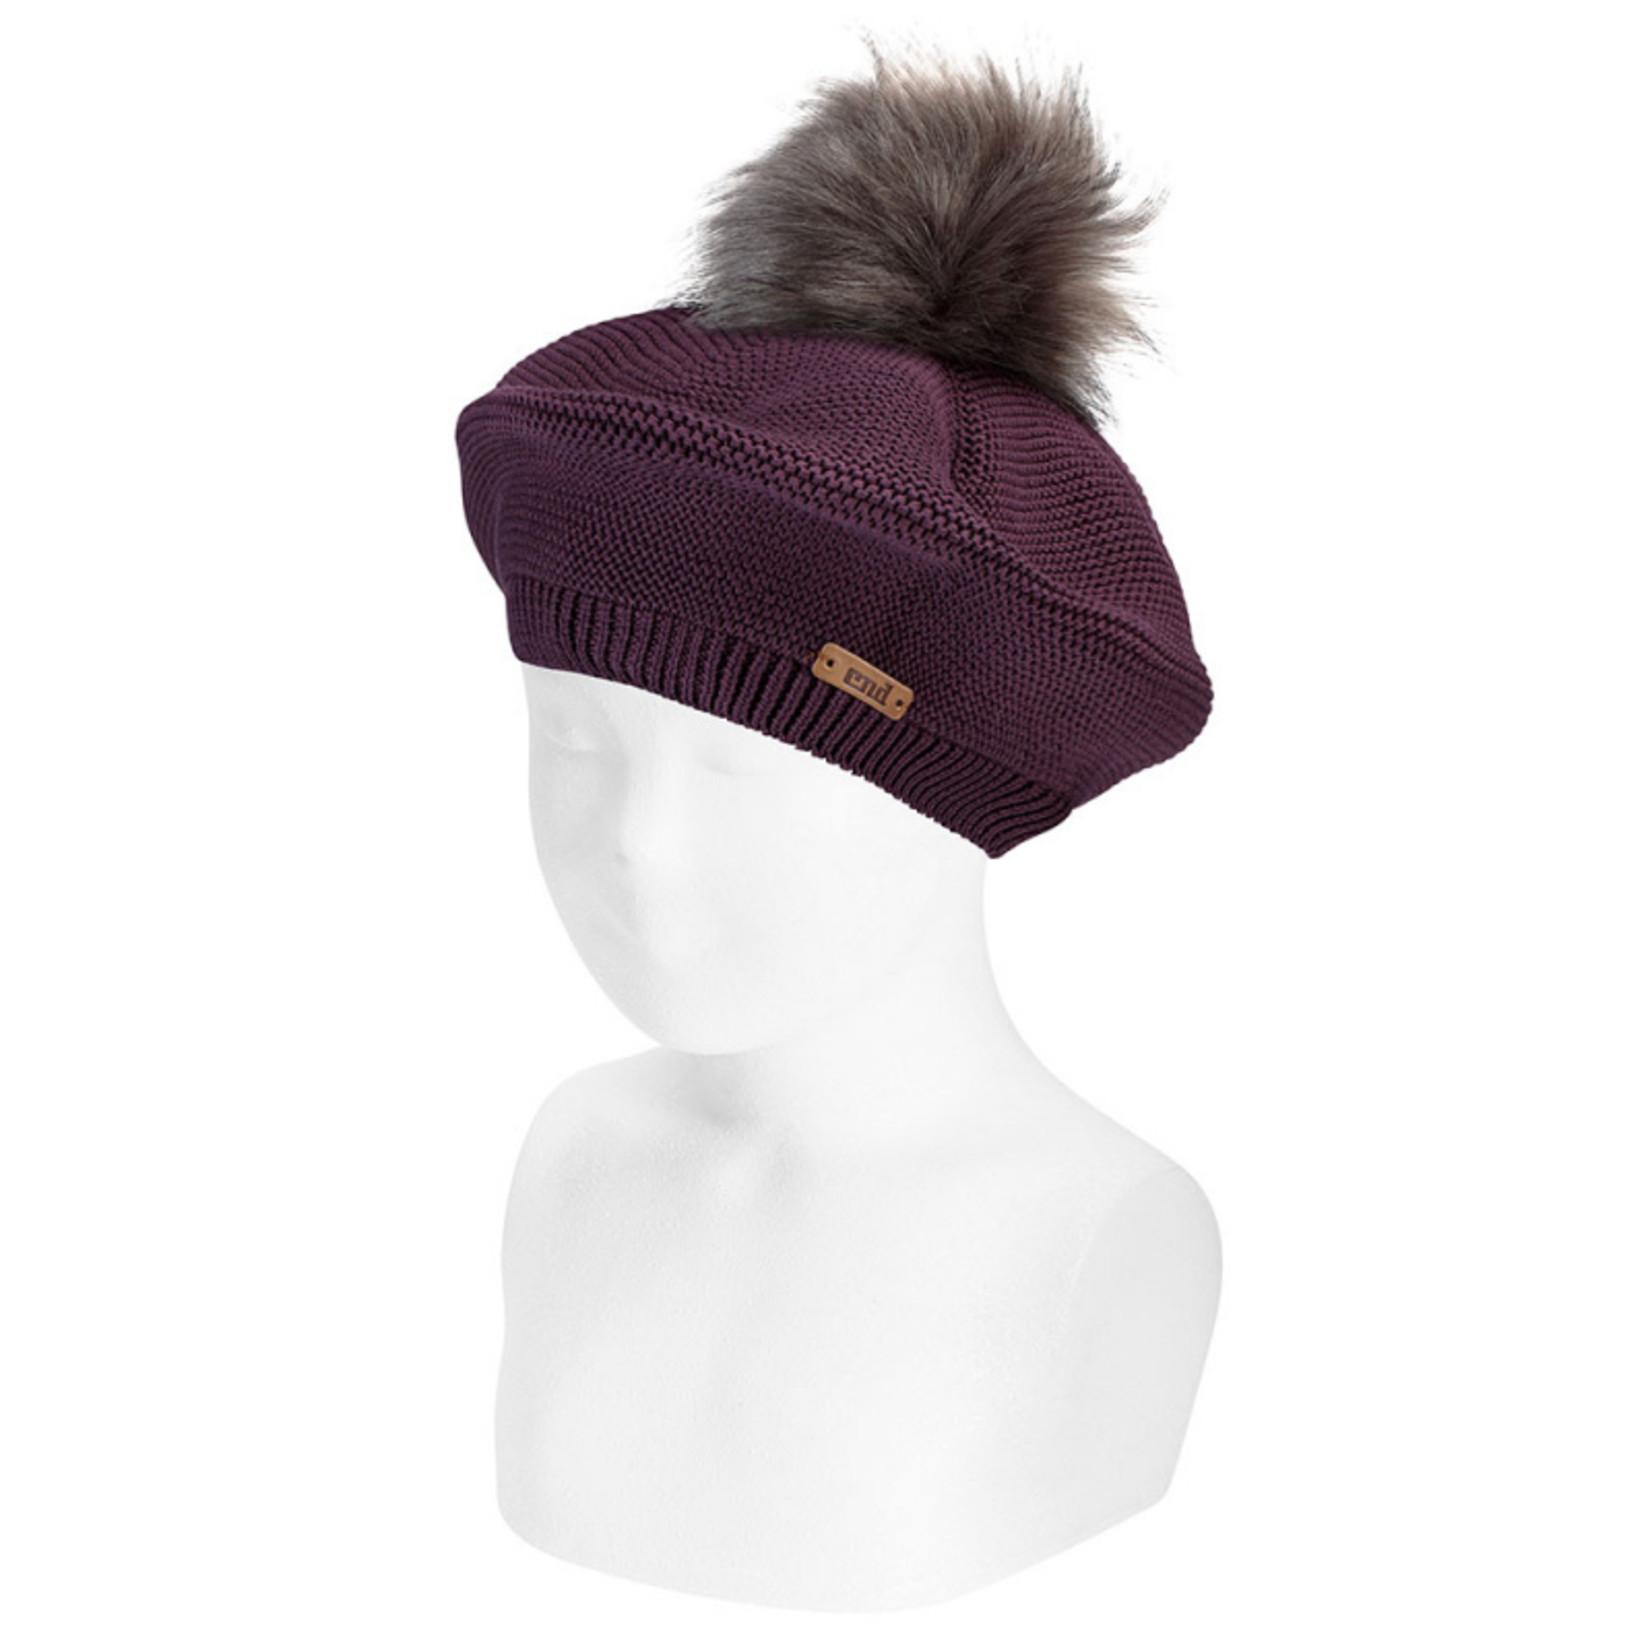 Condor Hat Polly - Condor Dark Purple